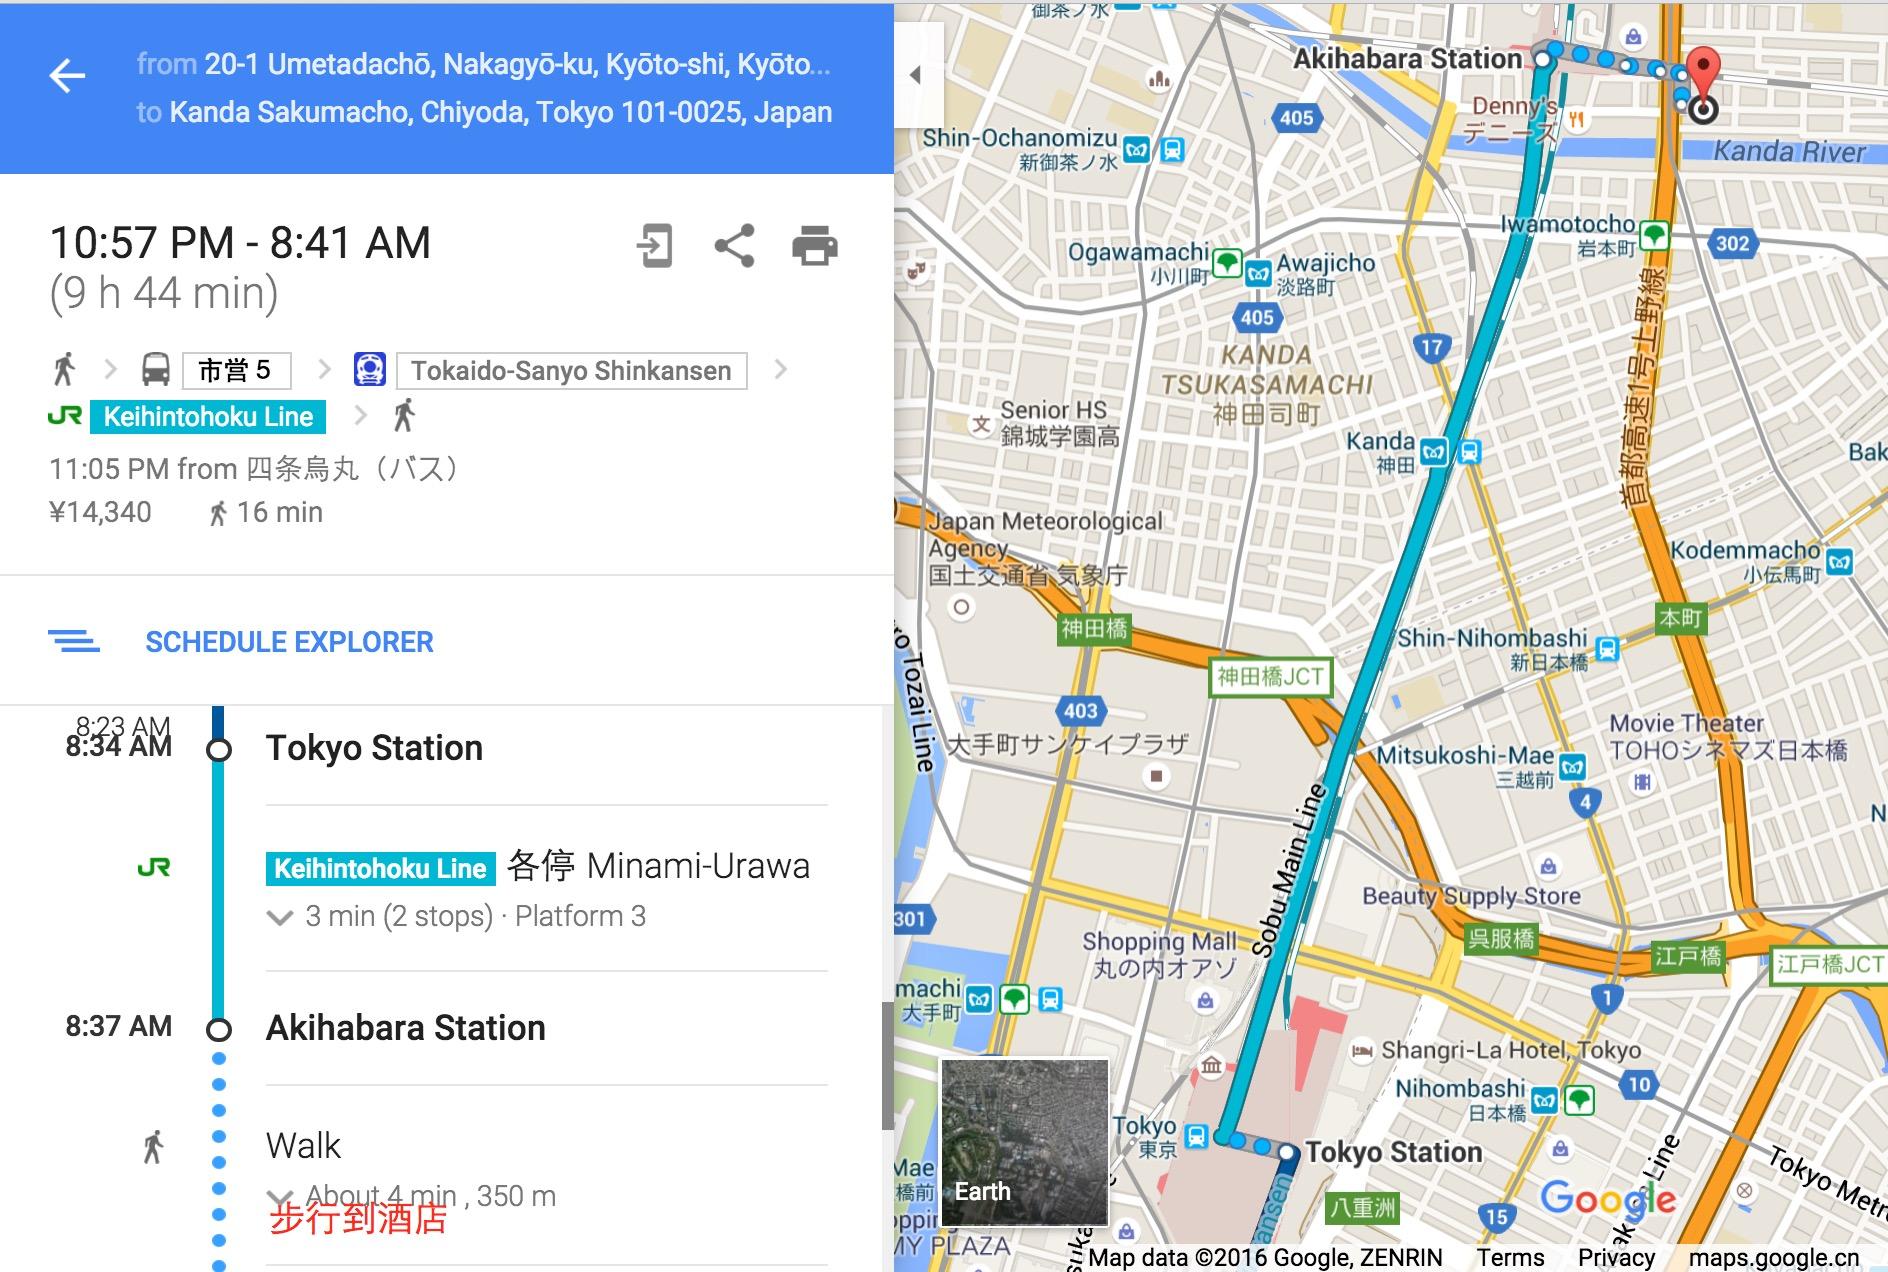 东京站出站后如何抵达宾馆